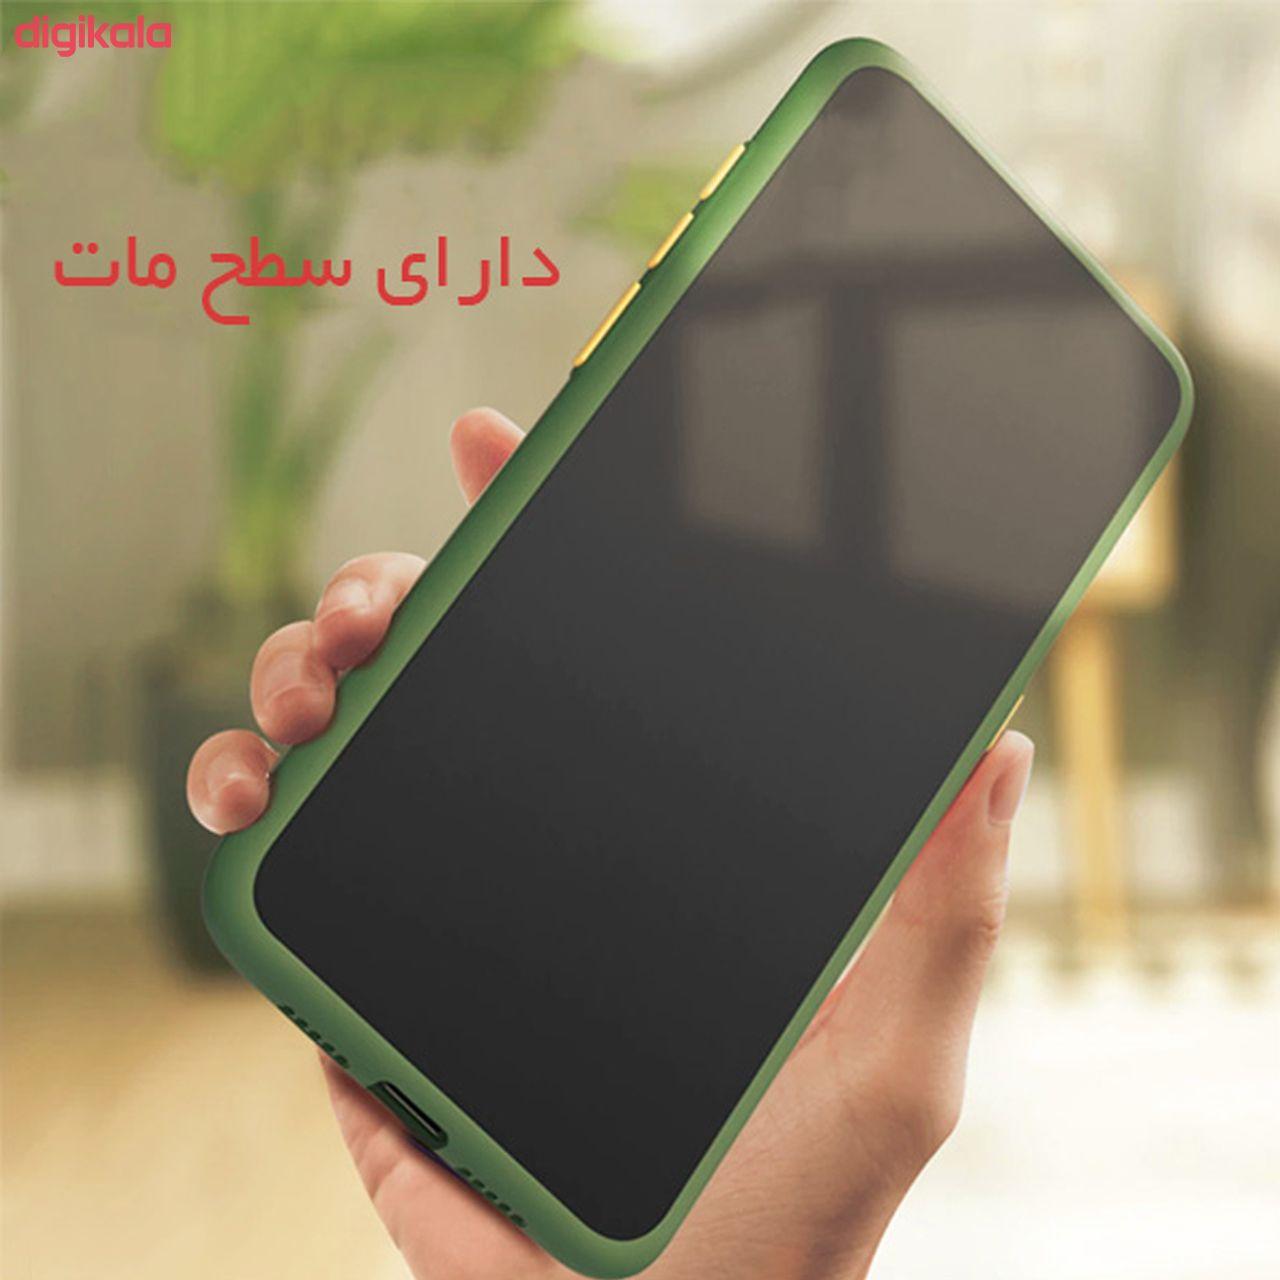 کاور کینگ پاور مدل M21 مناسب برای گوشی موبایل سامسونگ Galaxy A11 main 1 5